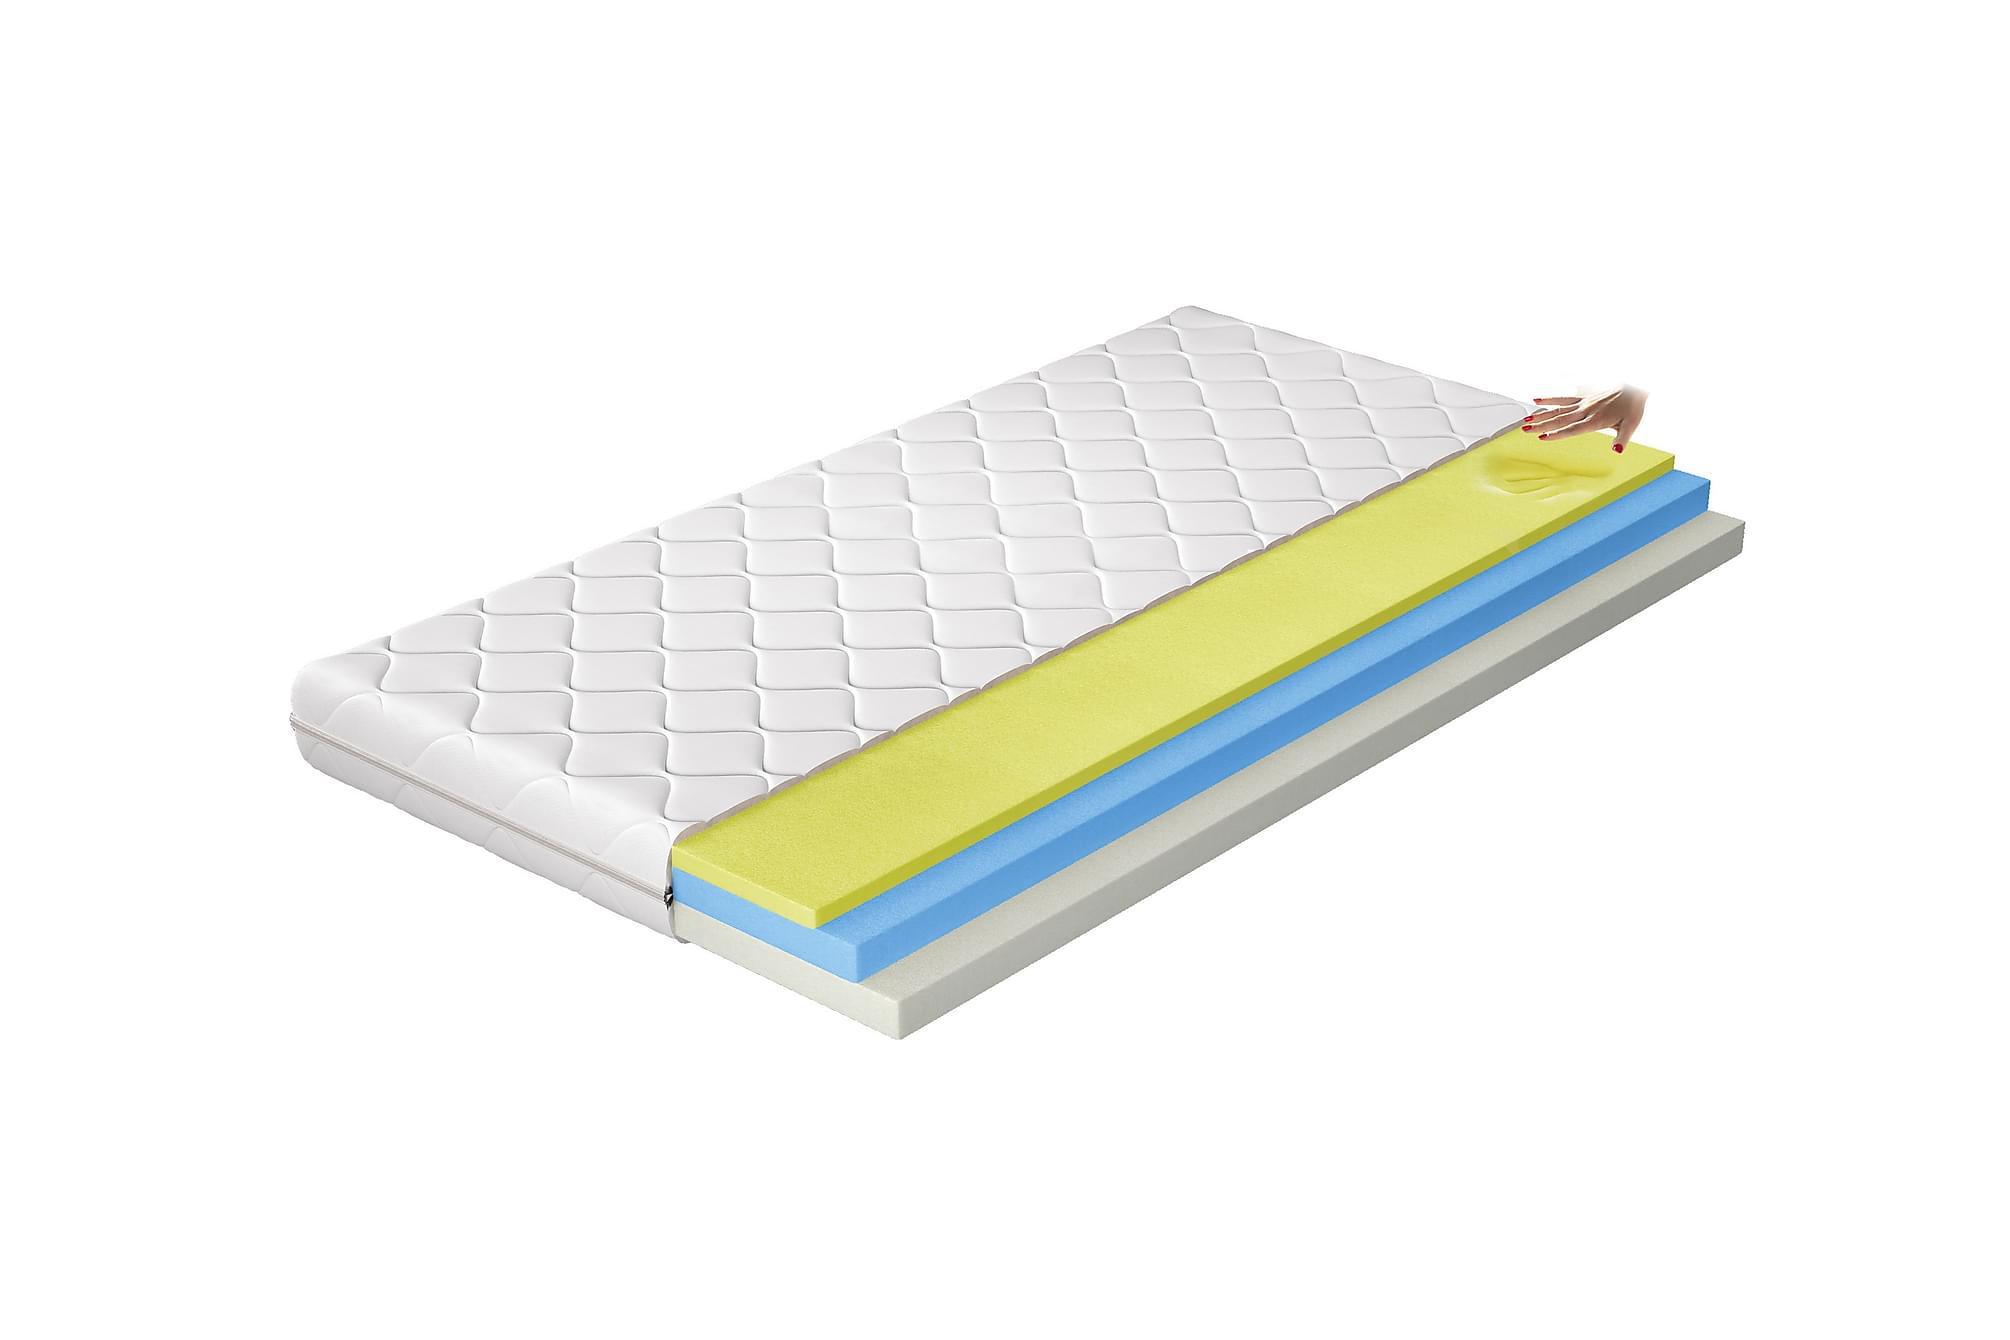 AJANEDO Madrass 80x200 cm Vit, Övriga madrasser & tillbehör